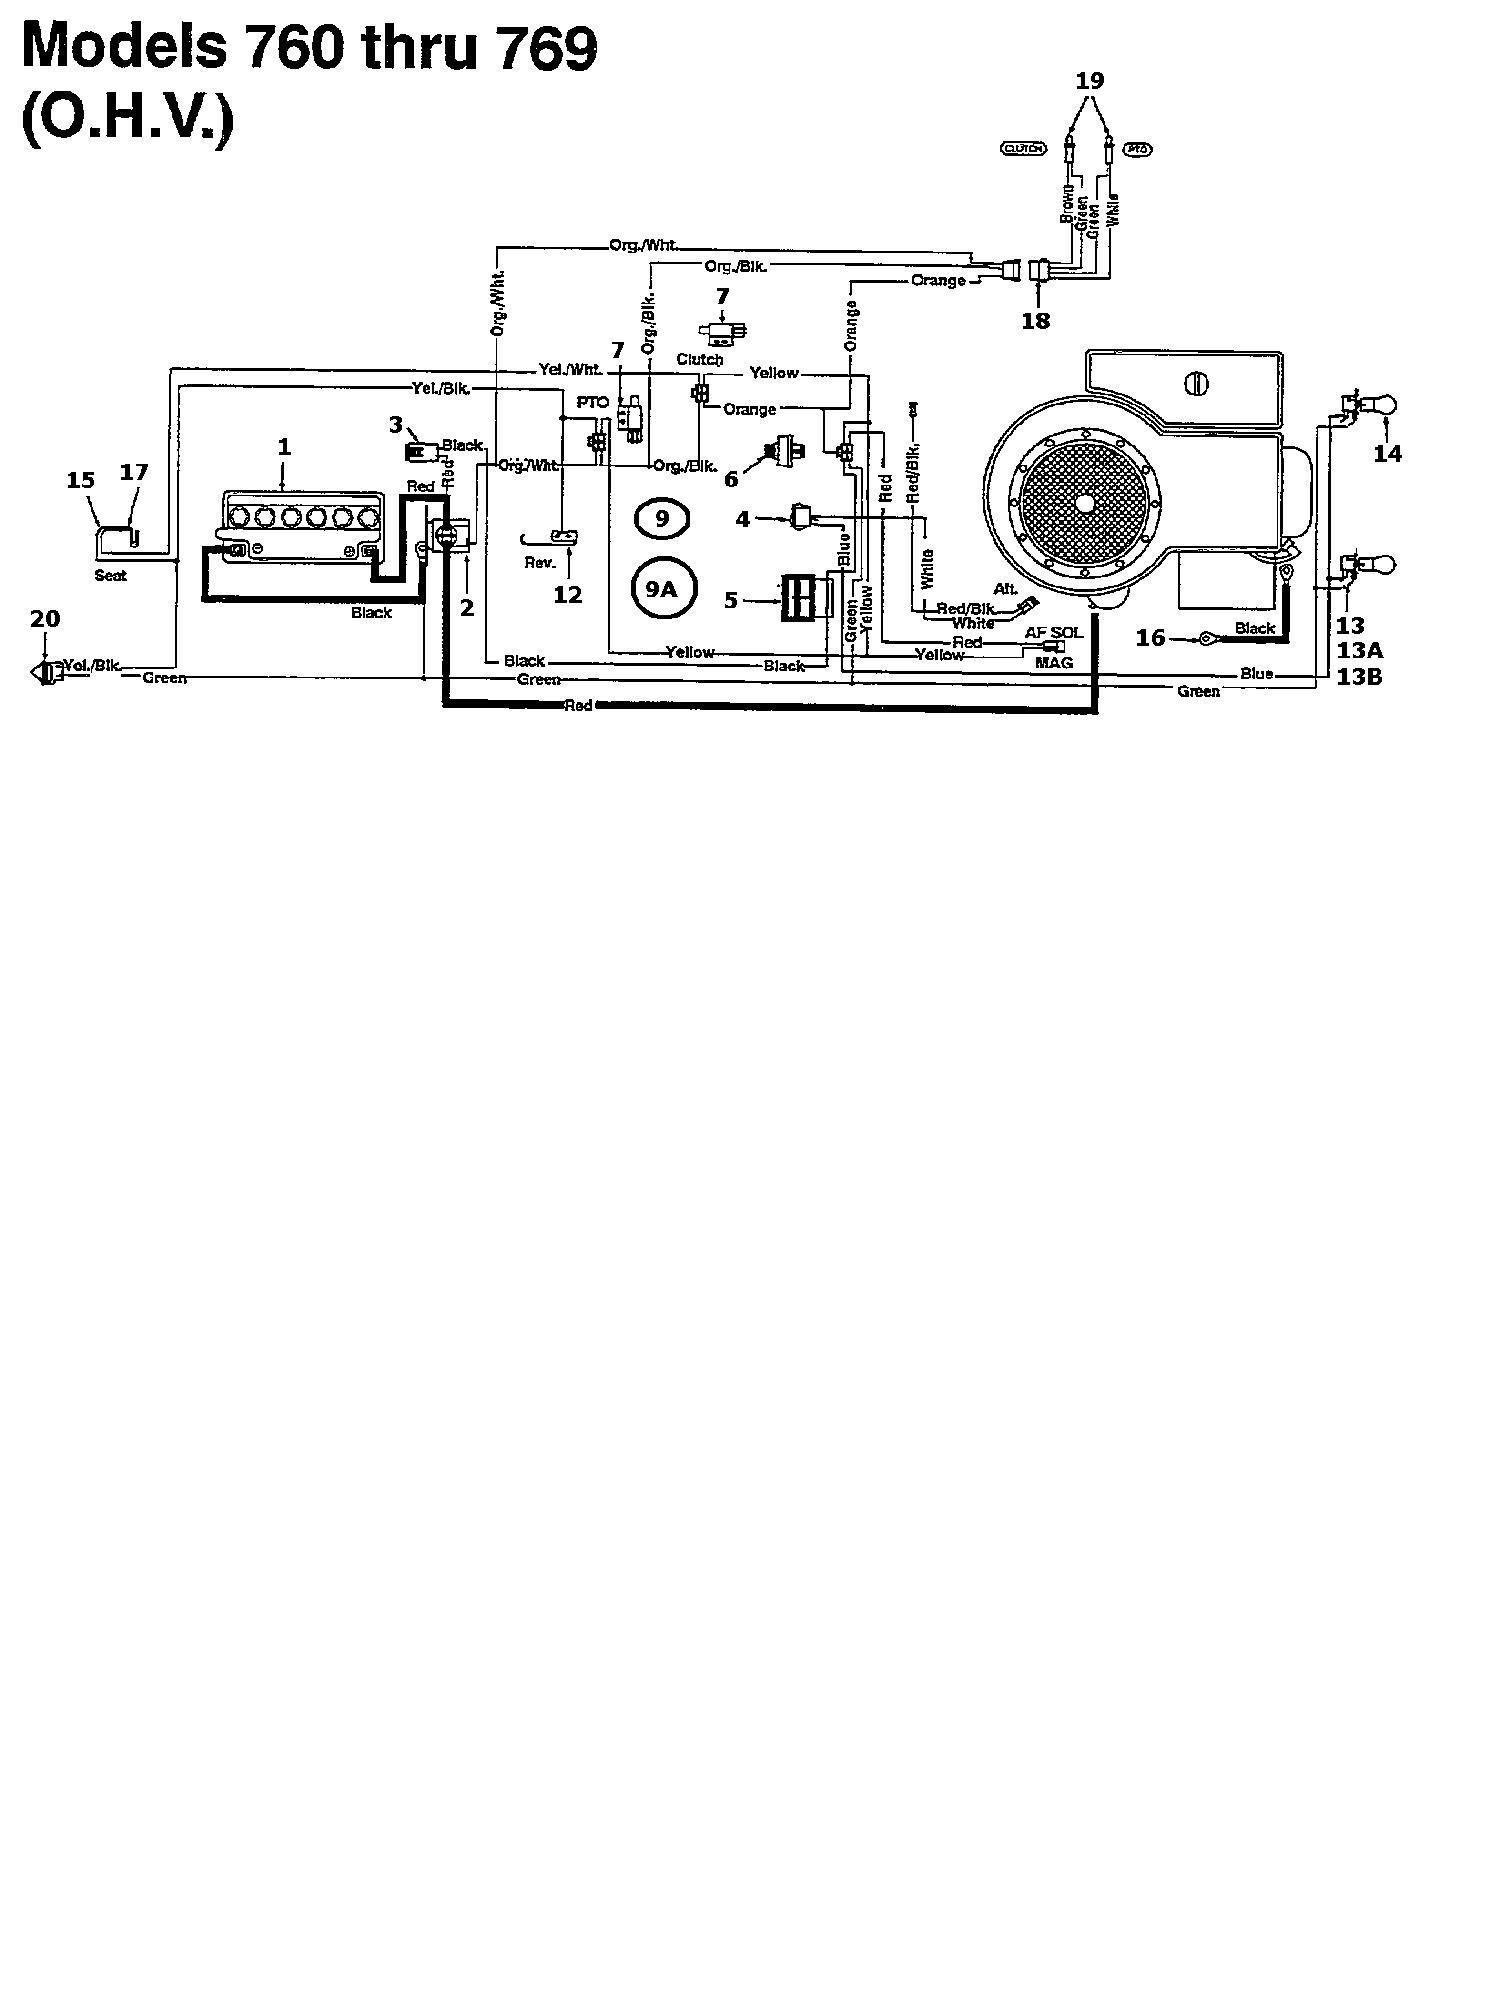 MTD 125/102 Schaltplan für O.H.V. 135K761N602 (1995)